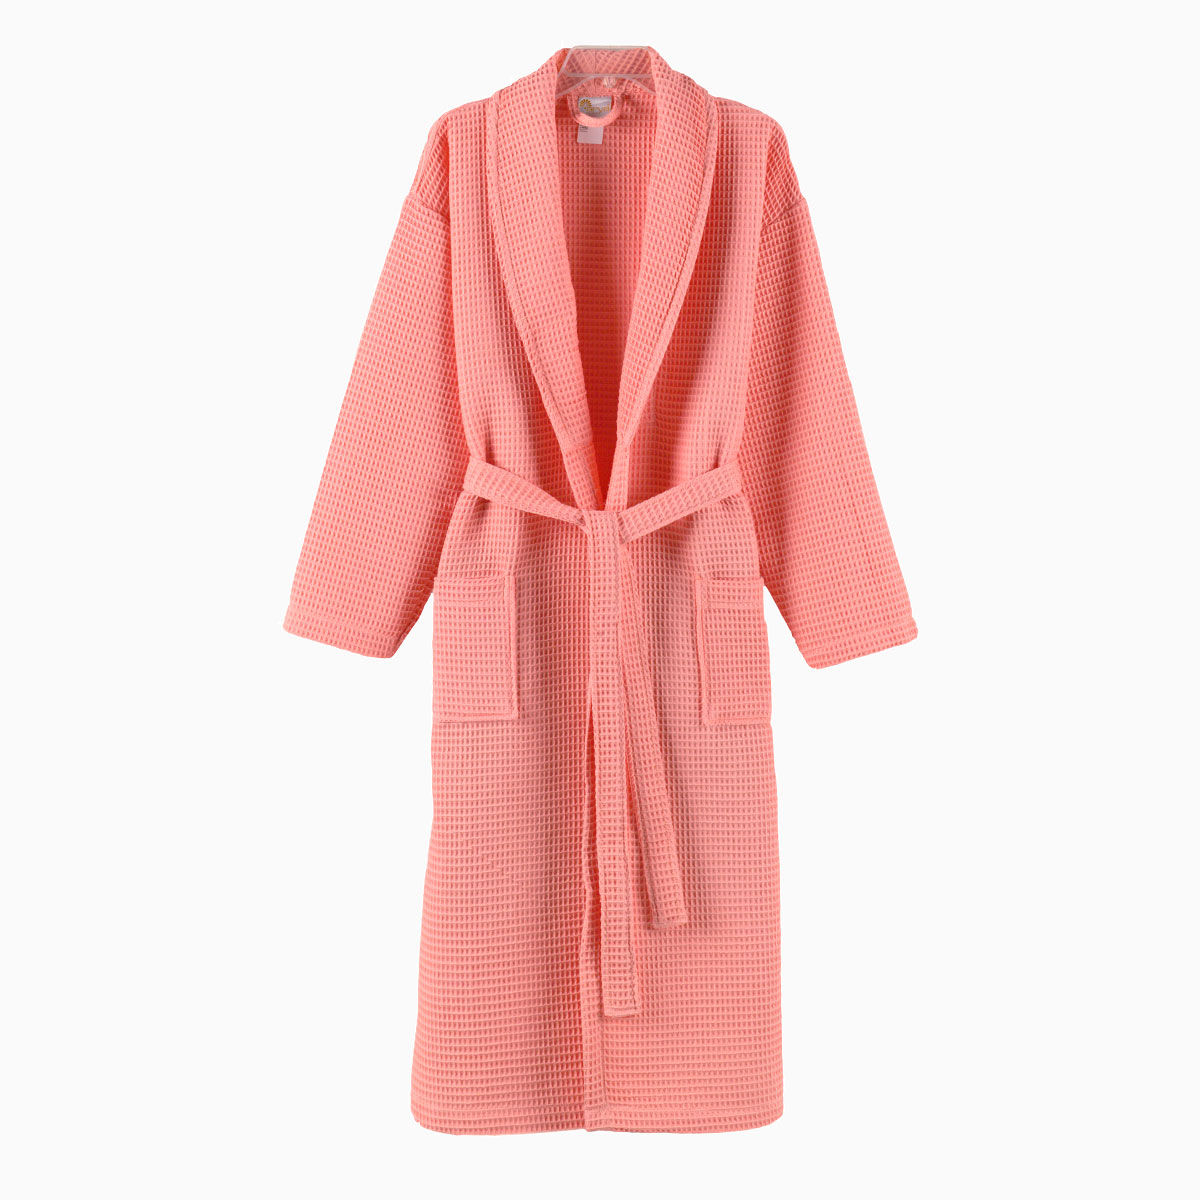 Банный халат Pamira цвет: коралловый (S) Arya ar467067